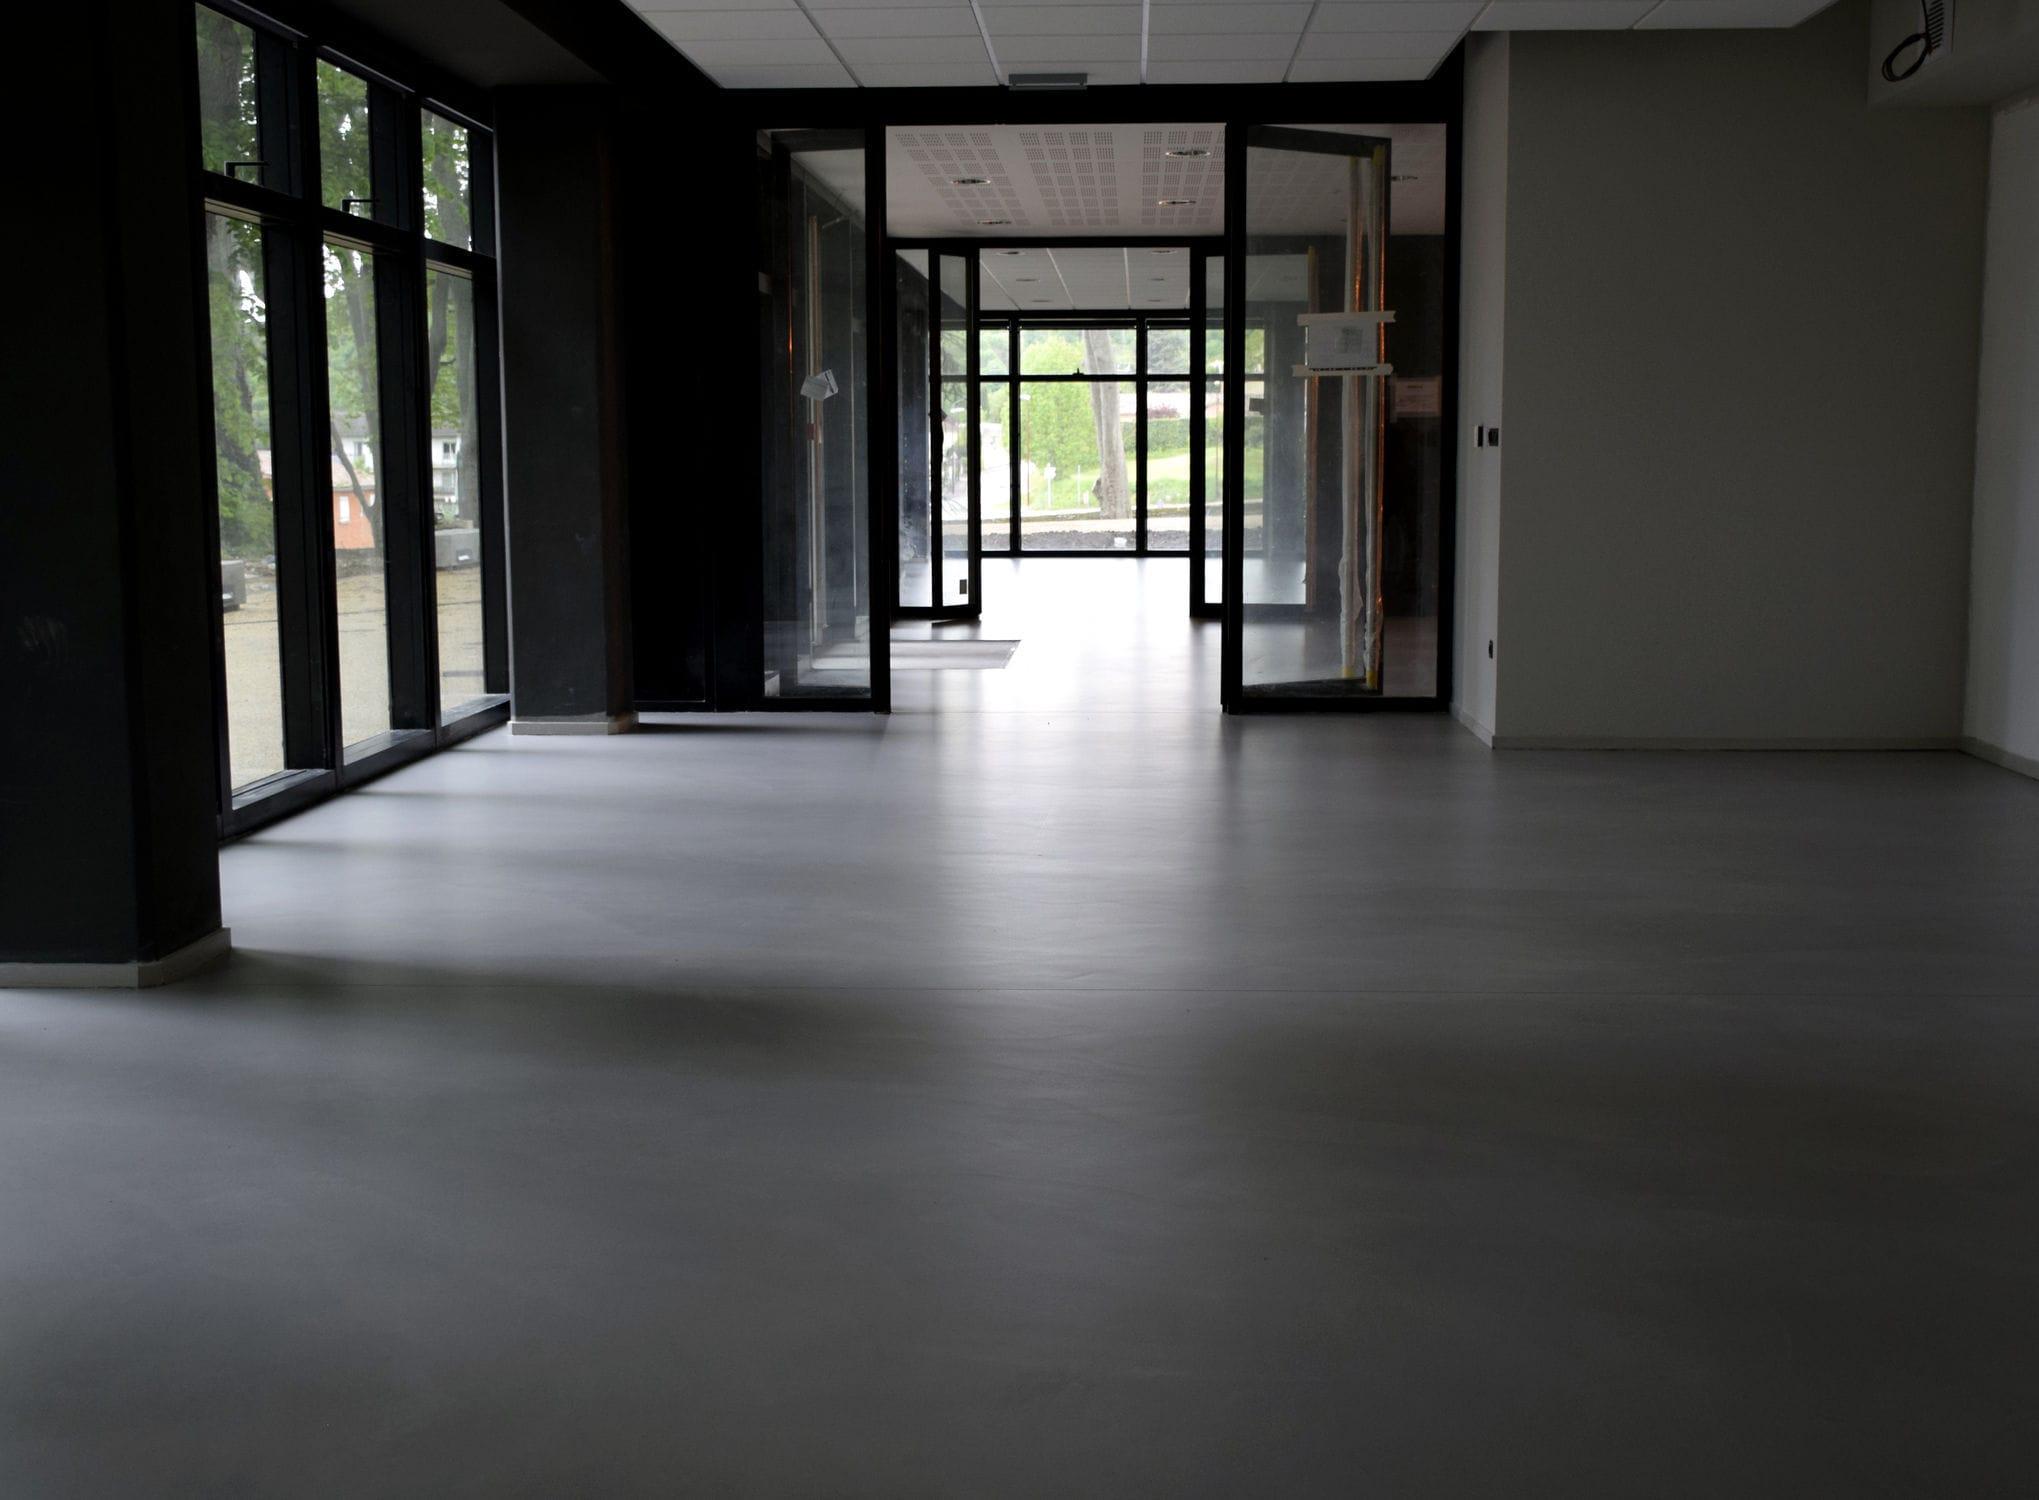 Beton Bodenbelag Fur Offentliche Einrichtungen Glatt Hochglanz